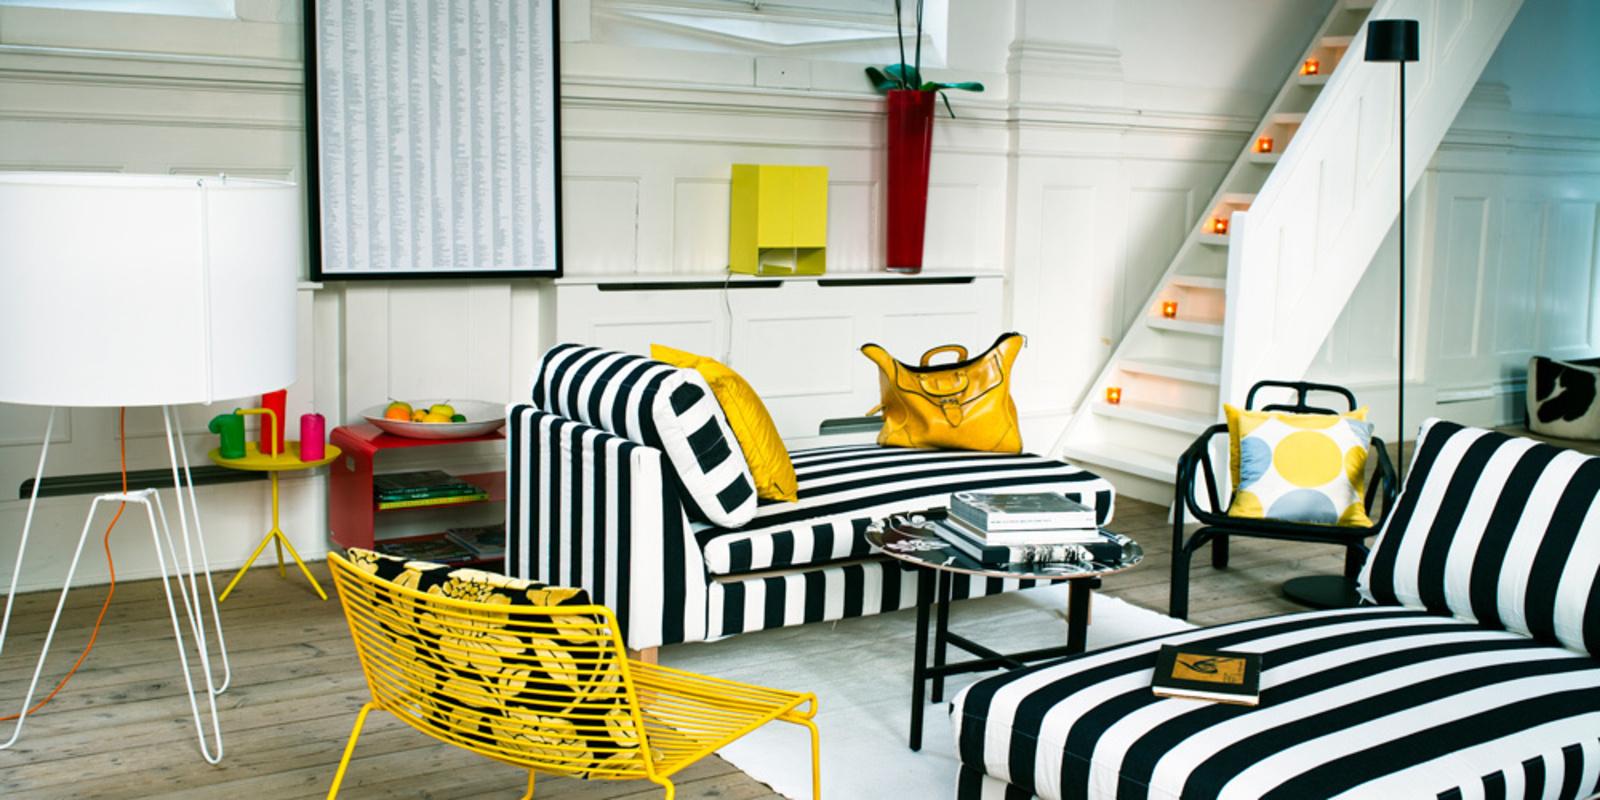 De 5 grootste fouten bij het inrichten van kleine ruimtes for Inrichten kleine ruimtes